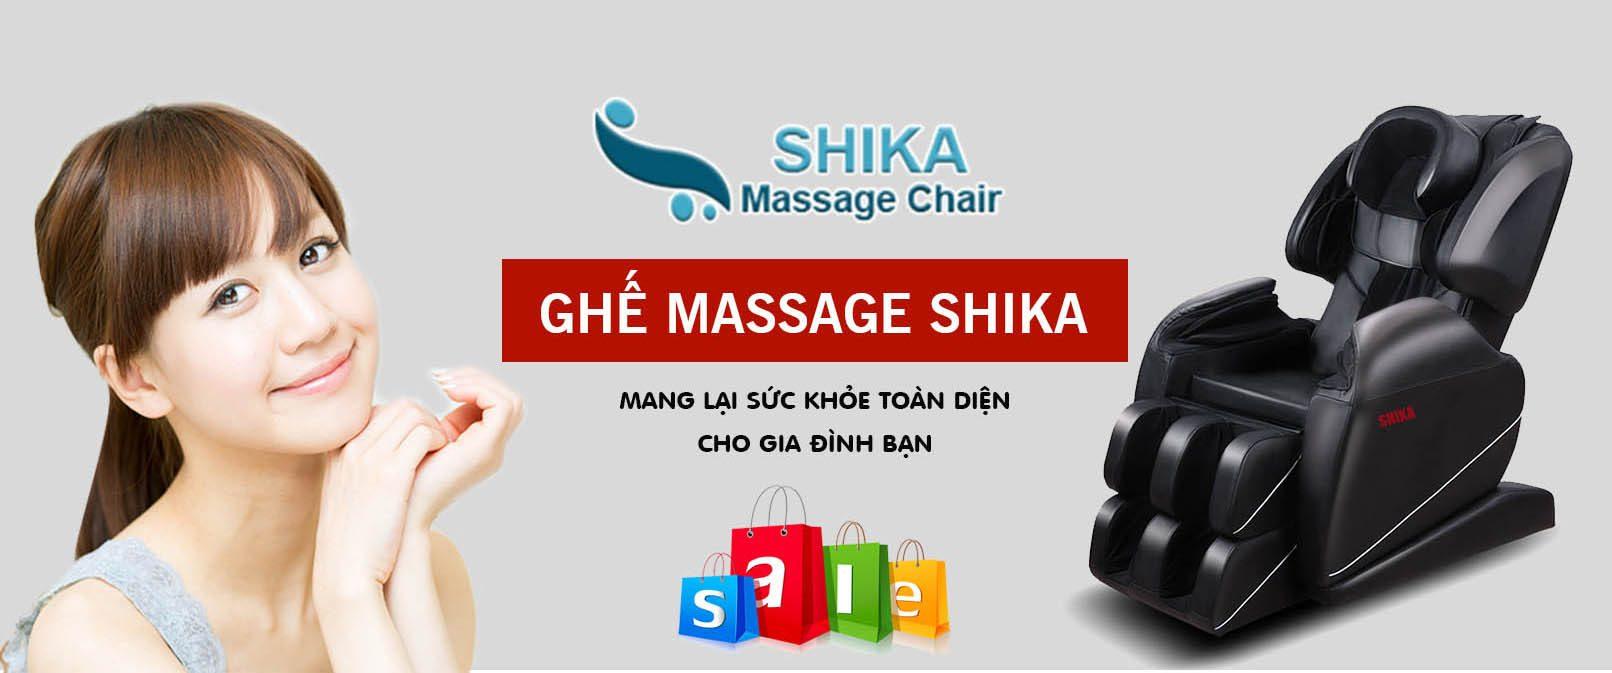 Banner ghế massage shika toàn thân